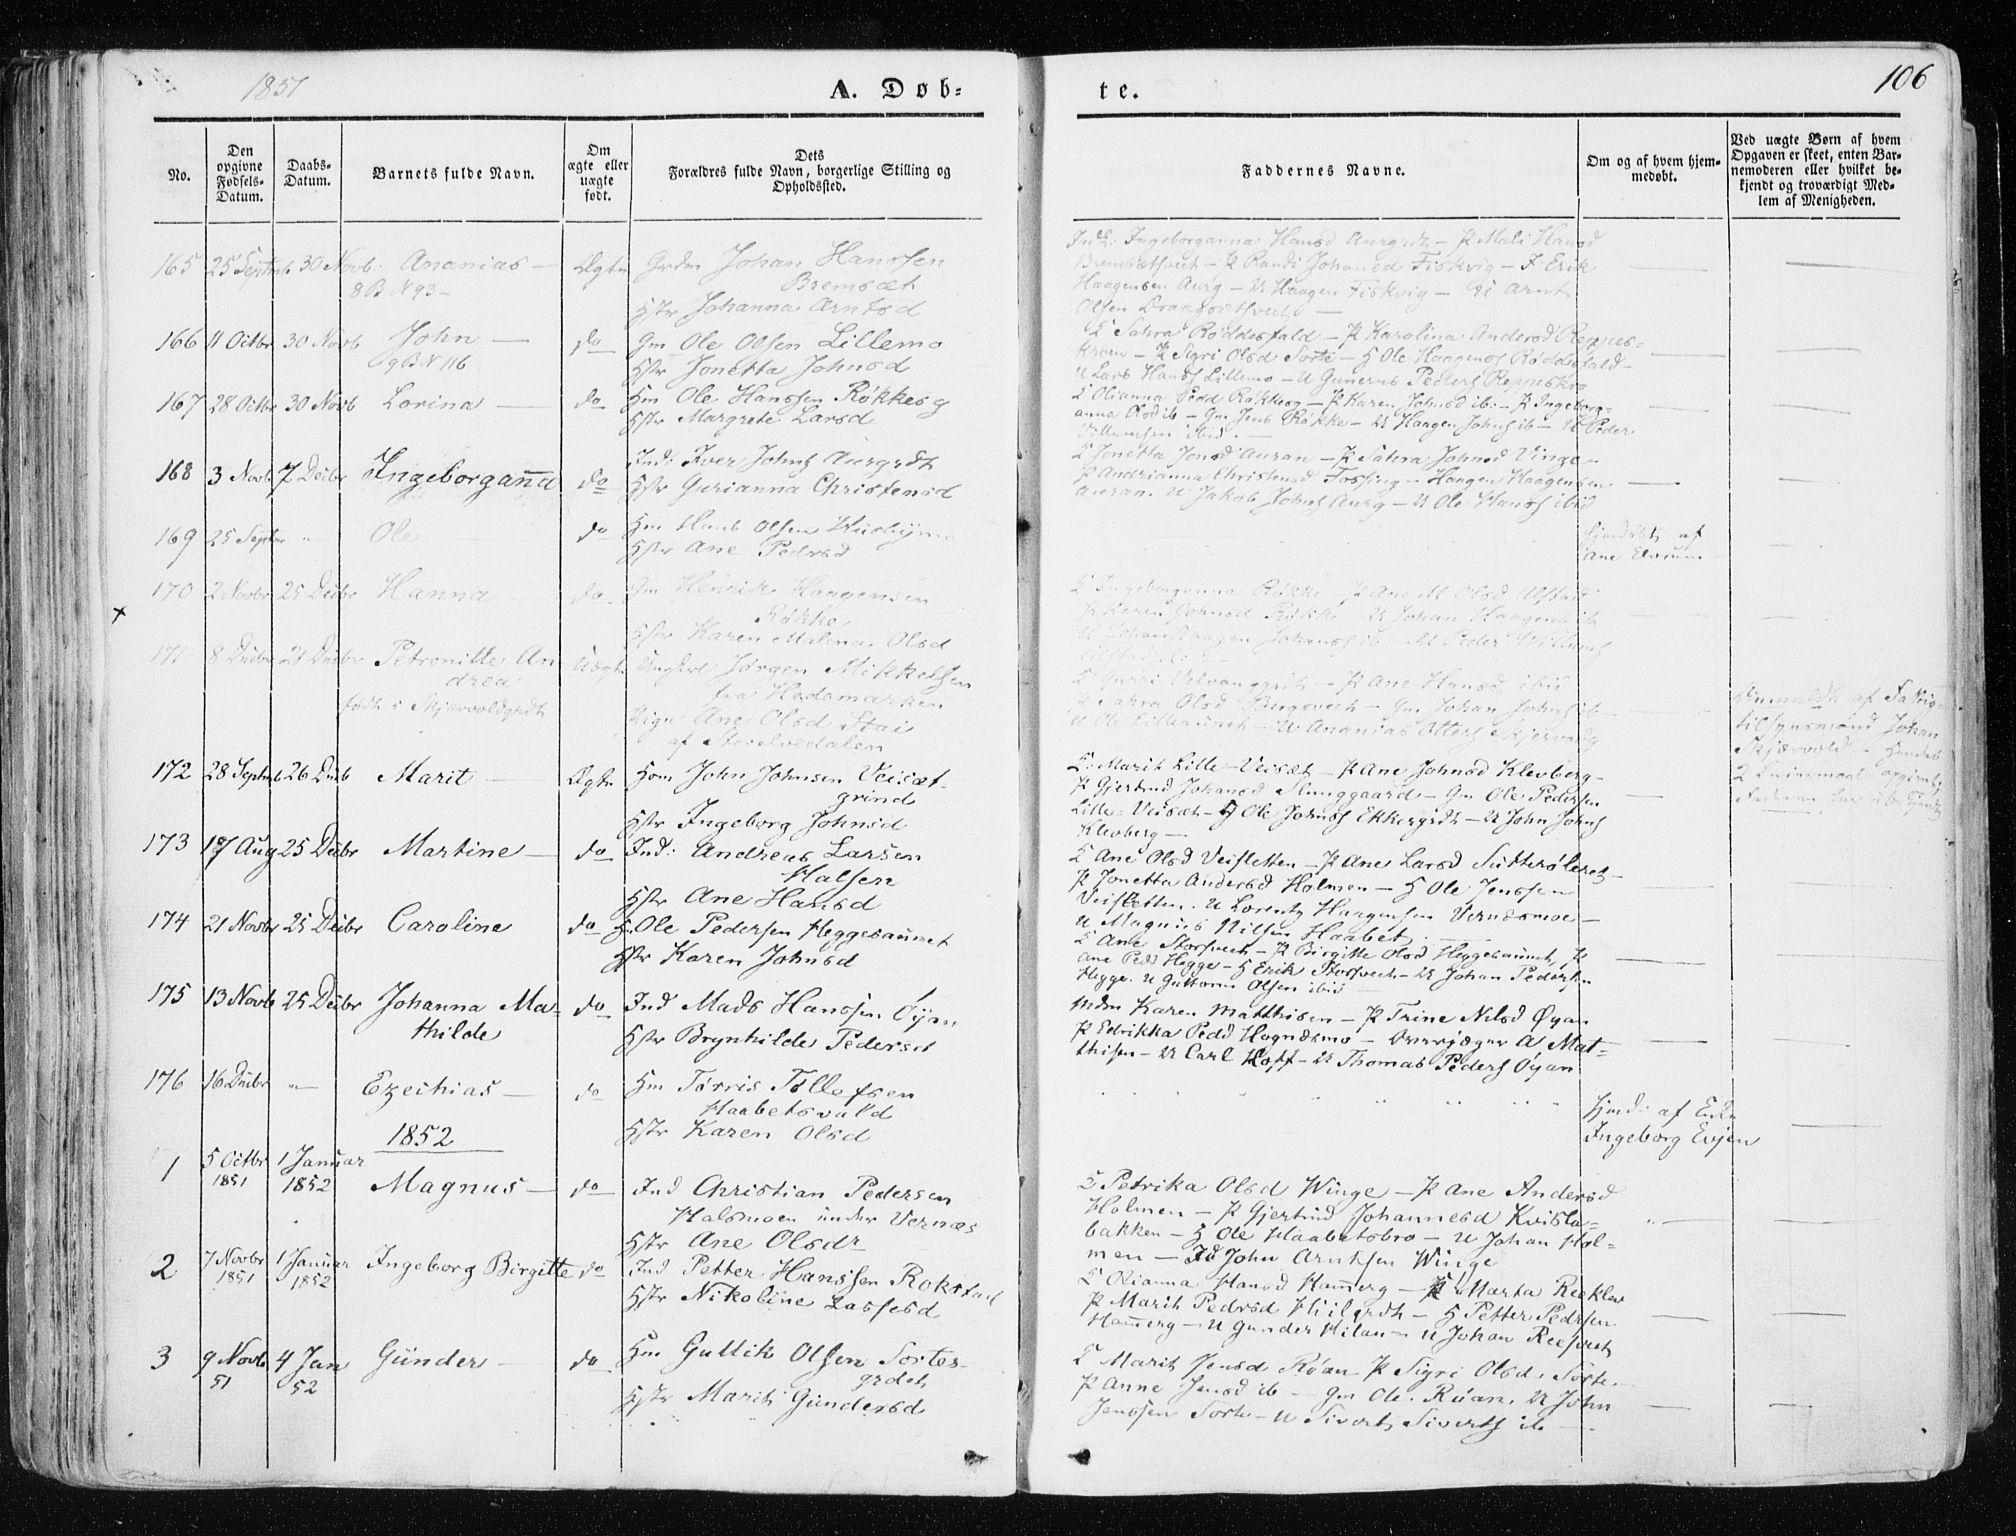 SAT, Ministerialprotokoller, klokkerbøker og fødselsregistre - Nord-Trøndelag, 709/L0074: Ministerialbok nr. 709A14, 1845-1858, s. 106